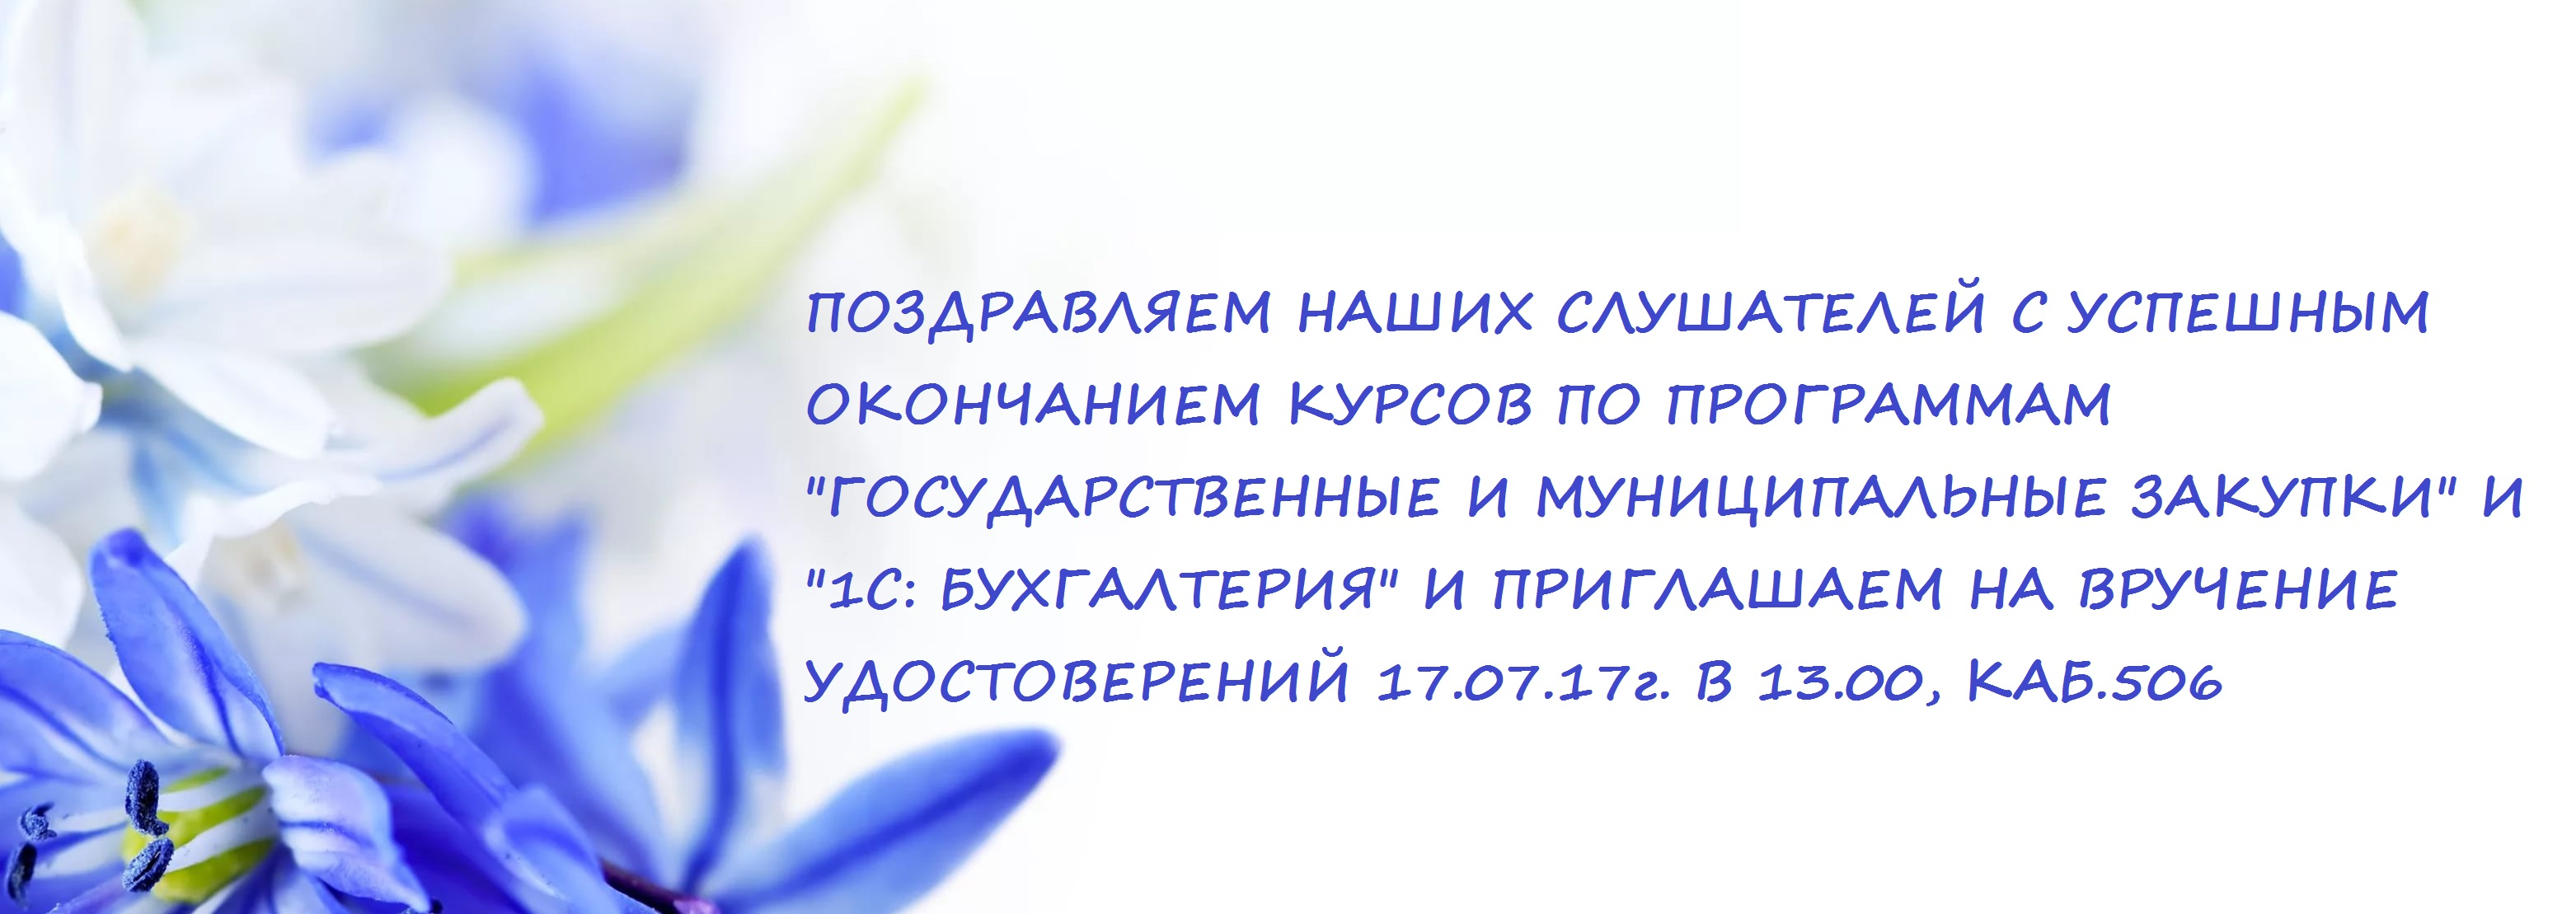 ВРУЧЕНИЕ 17.07.17